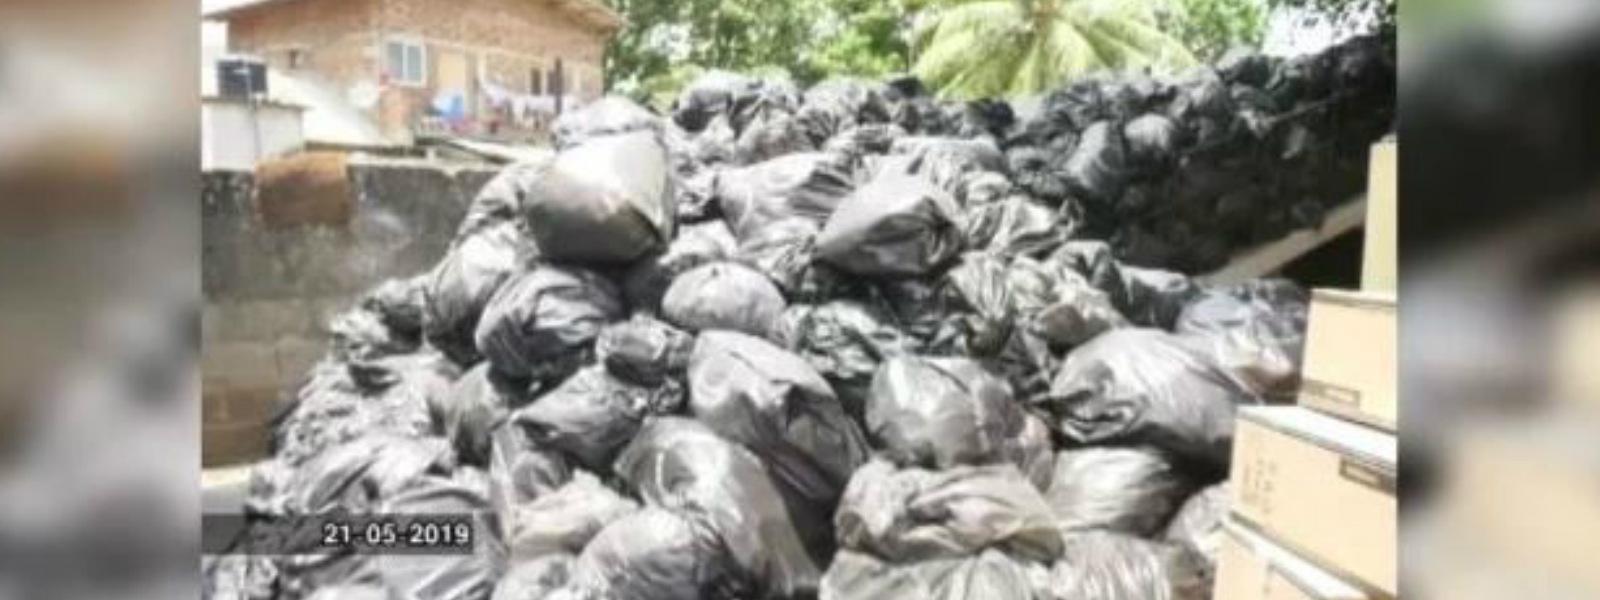 Kurunegala hospital garbage to be disposed